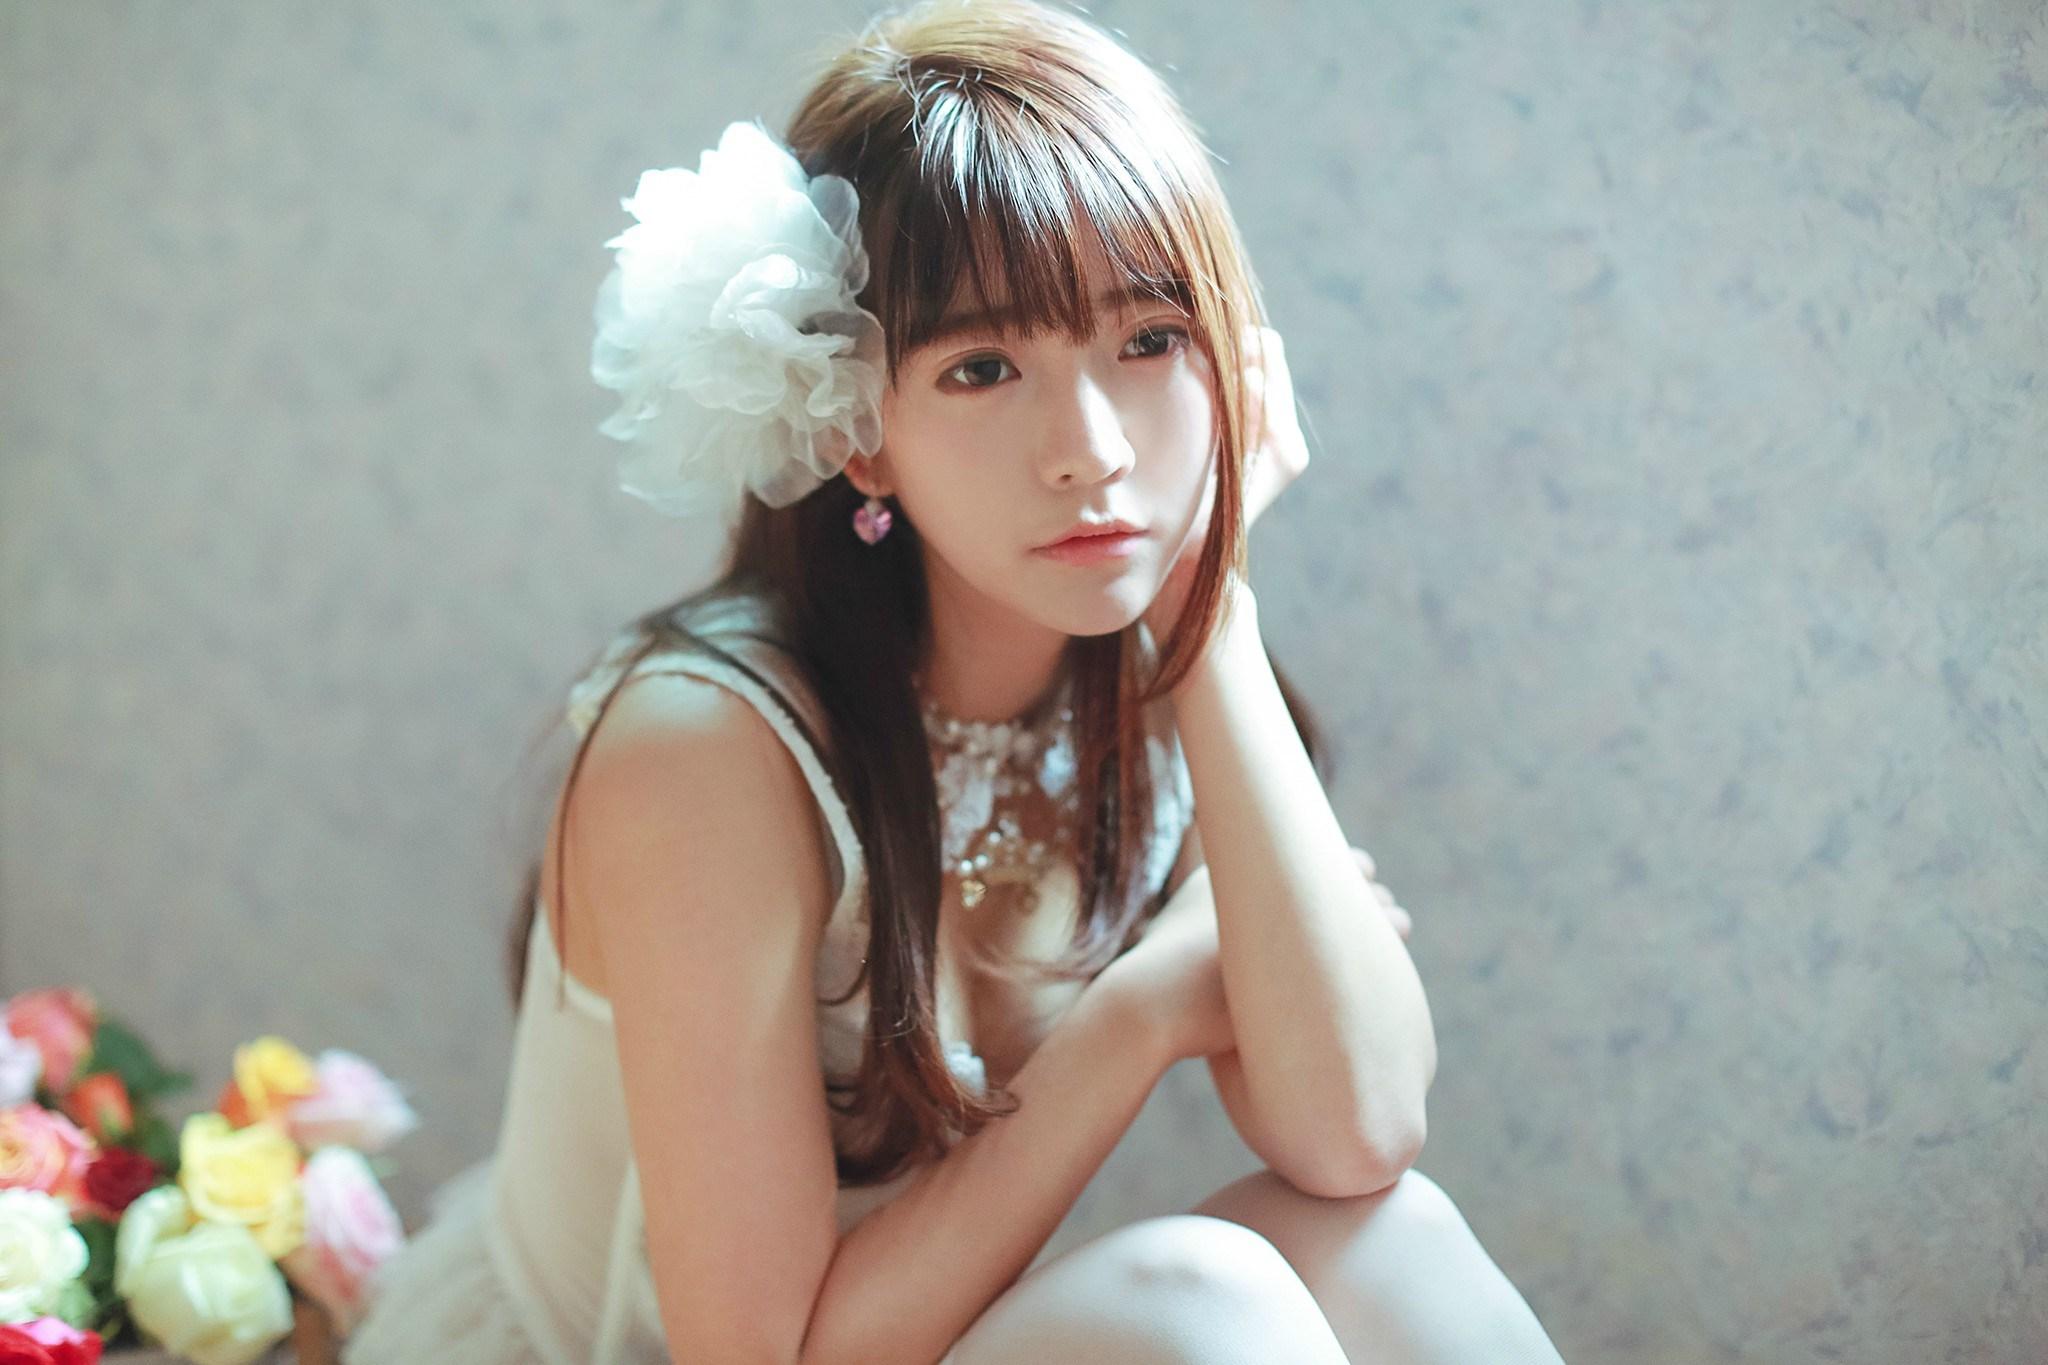 【兔玩映画】Yurisa 兔玩映画 第10张